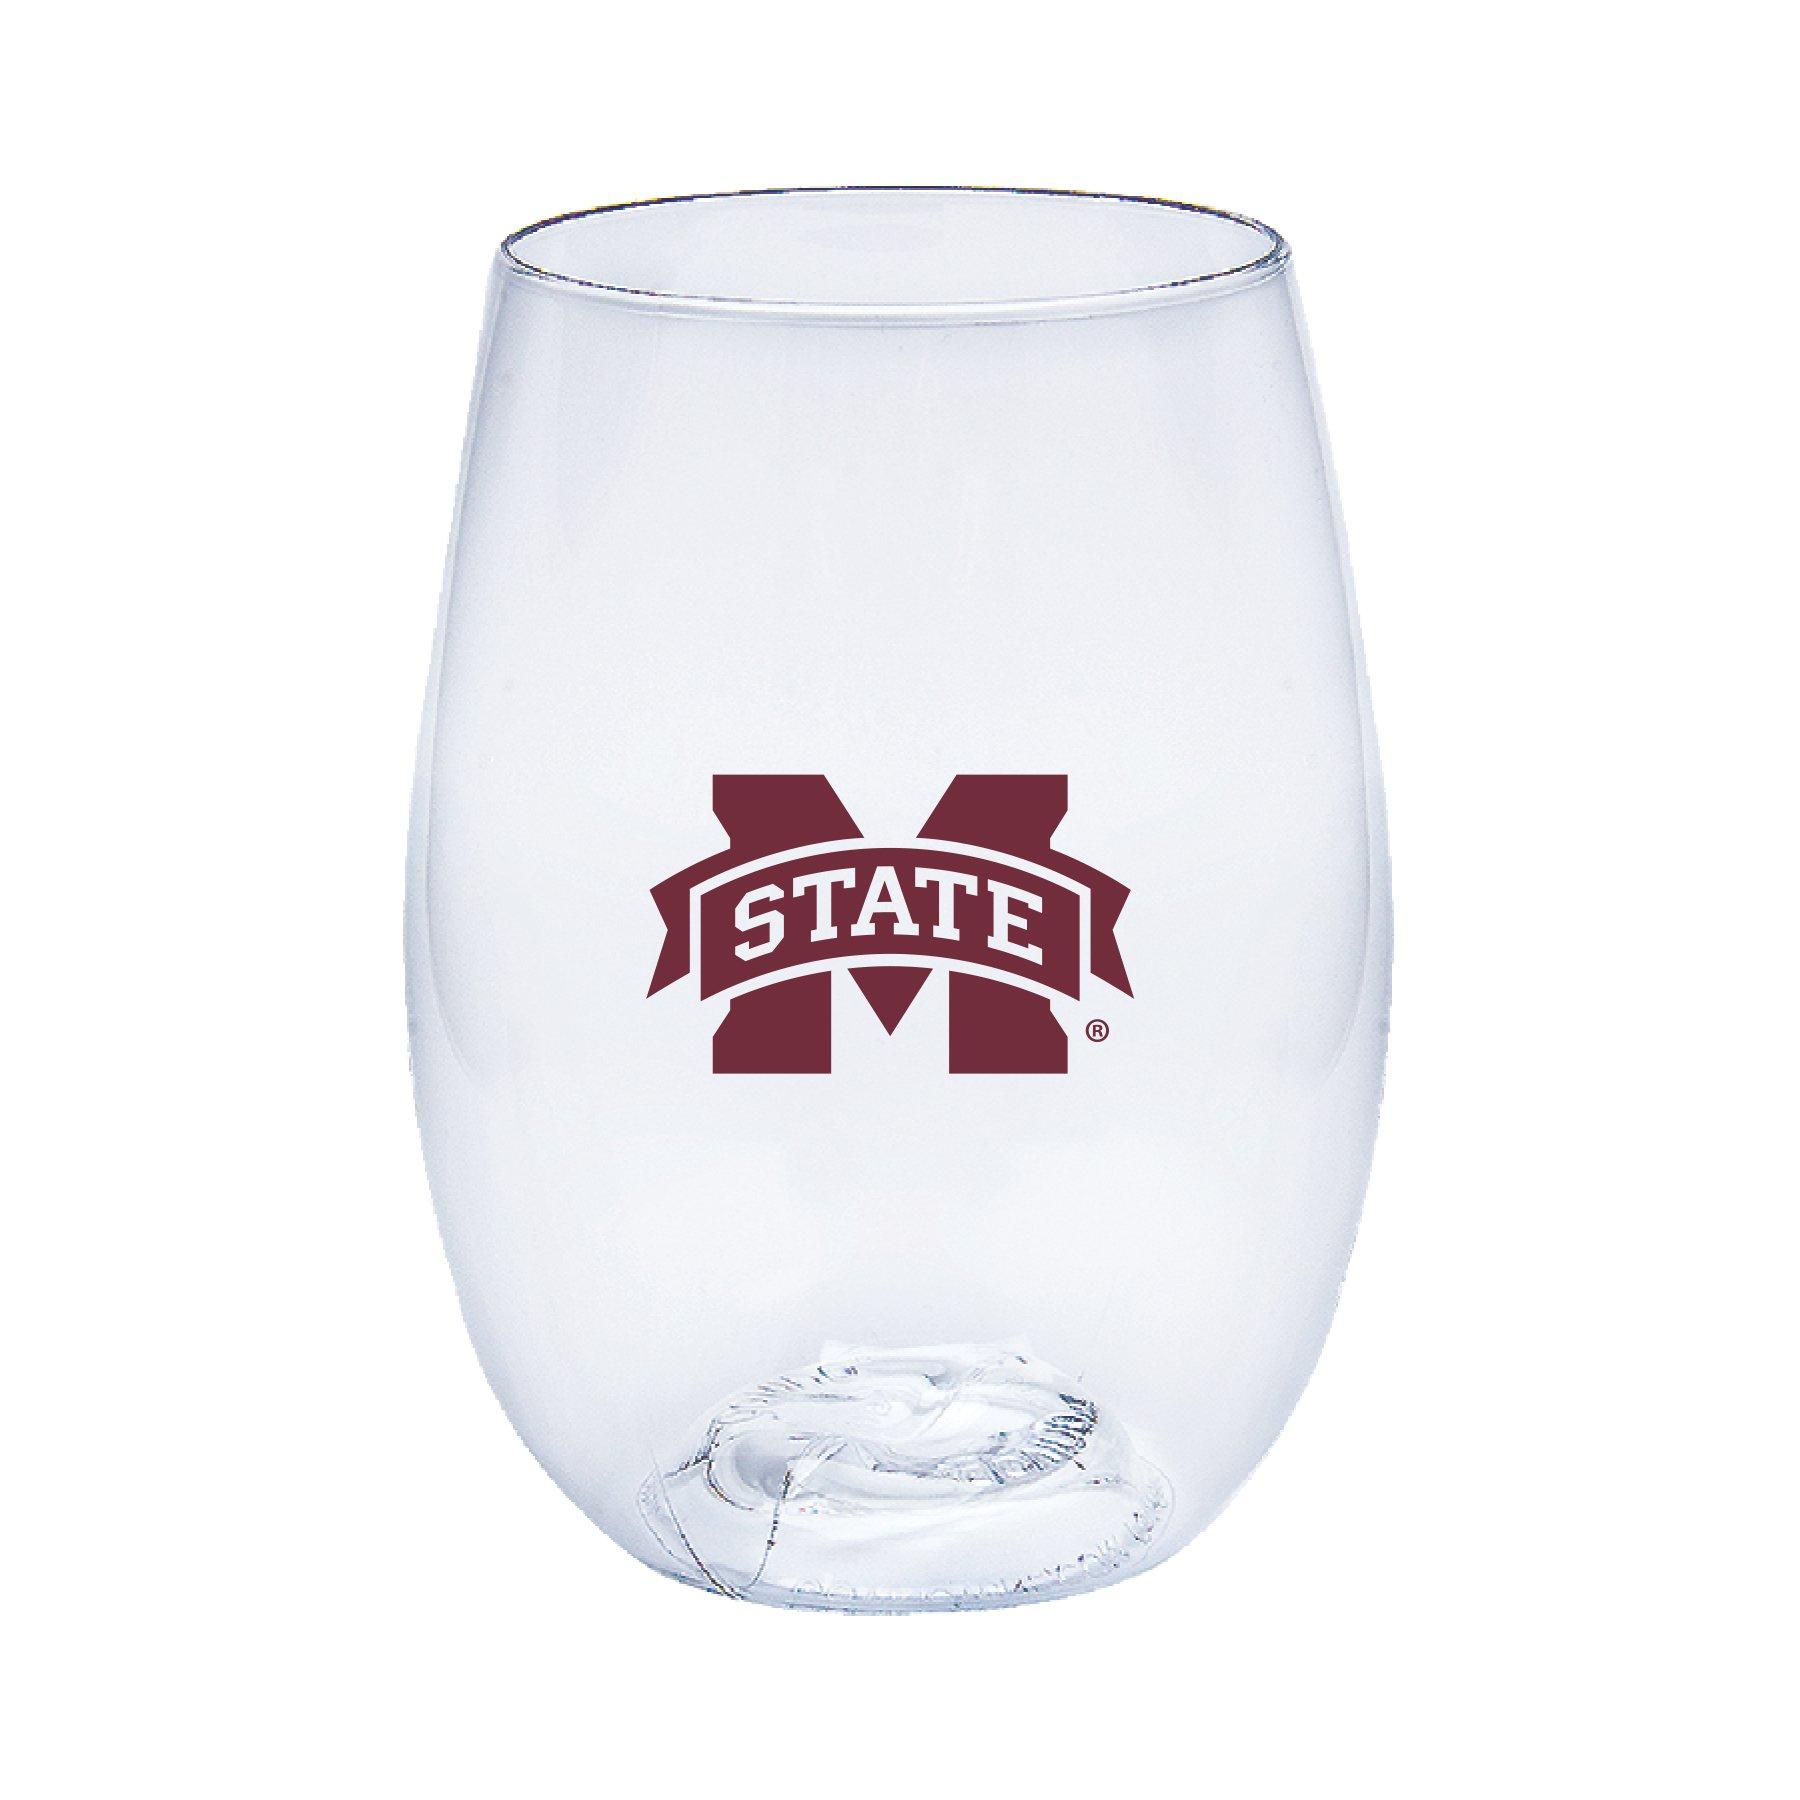 Neil Varsity Mississippi State Bulldogs Govino Shatterproof Wine or Beverage Glass